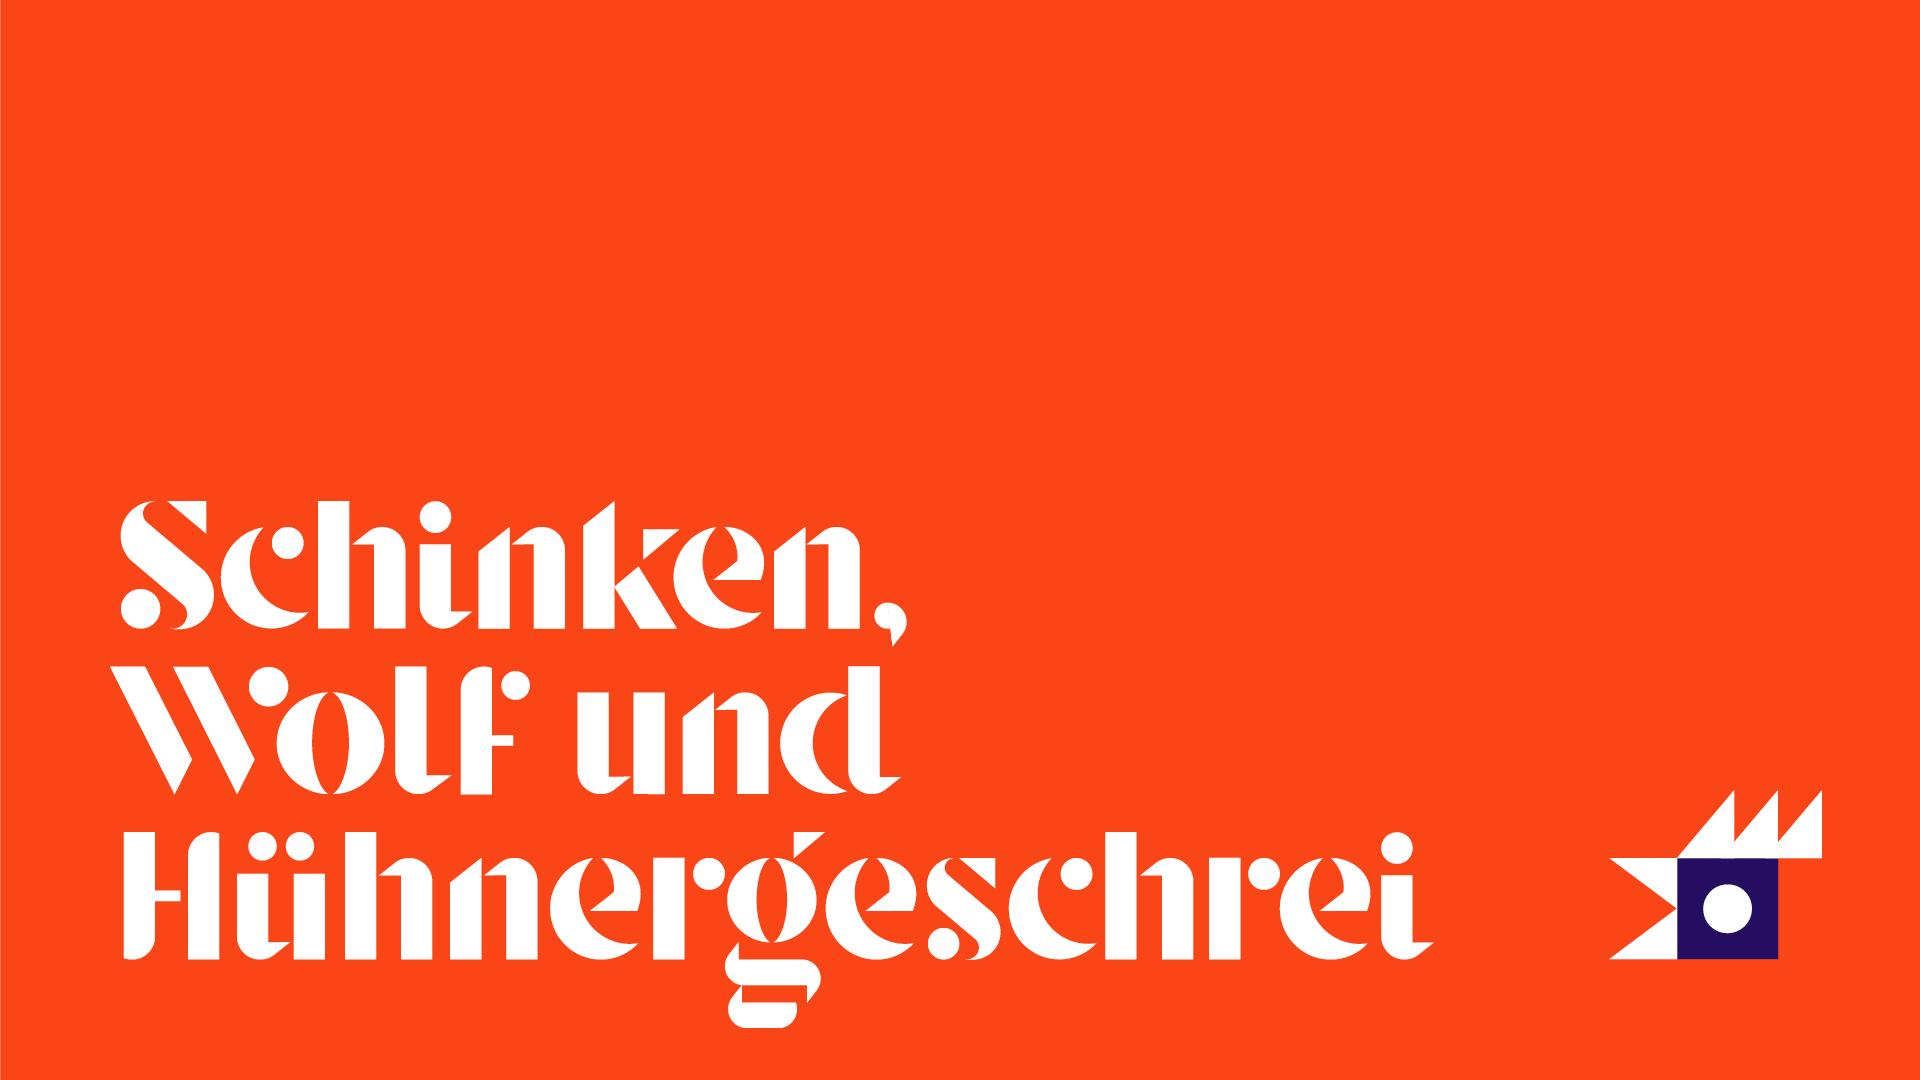 Ref Huehnergeschrei 2 Logo